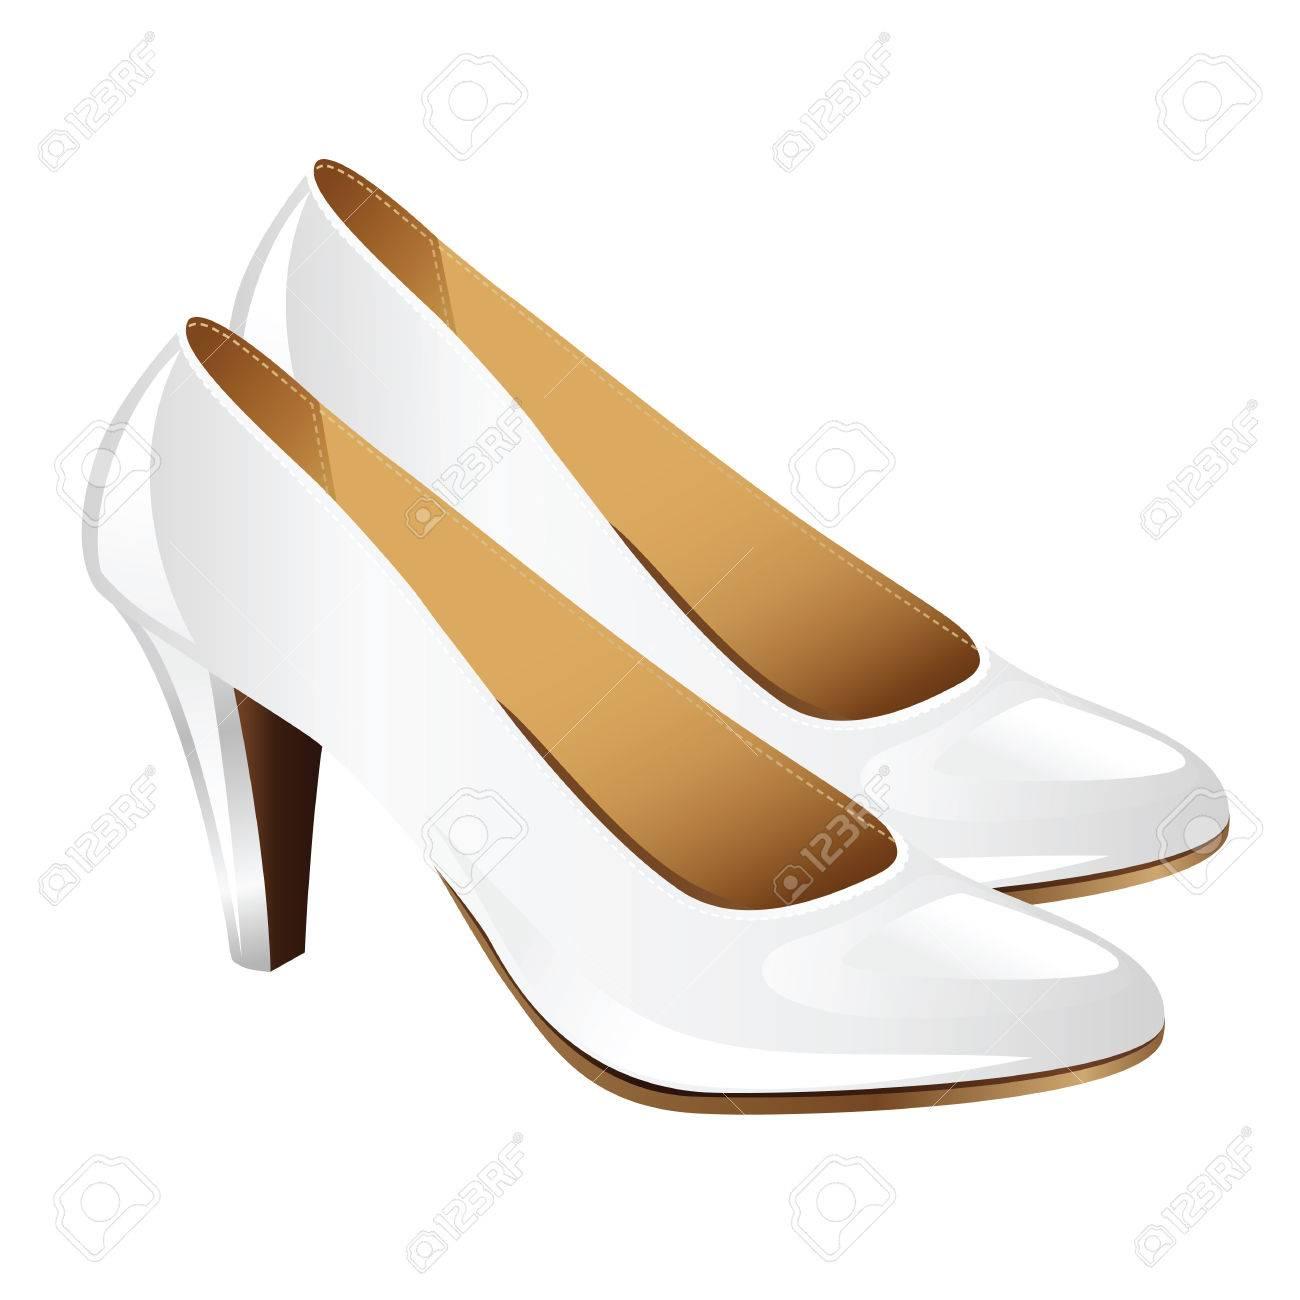 Zapatos de la mujer de la obra clásica sobre el talón del hight. Zapatos de tacón blancos aislados sobre fondo blanco. Elegantes zapatos blancos para